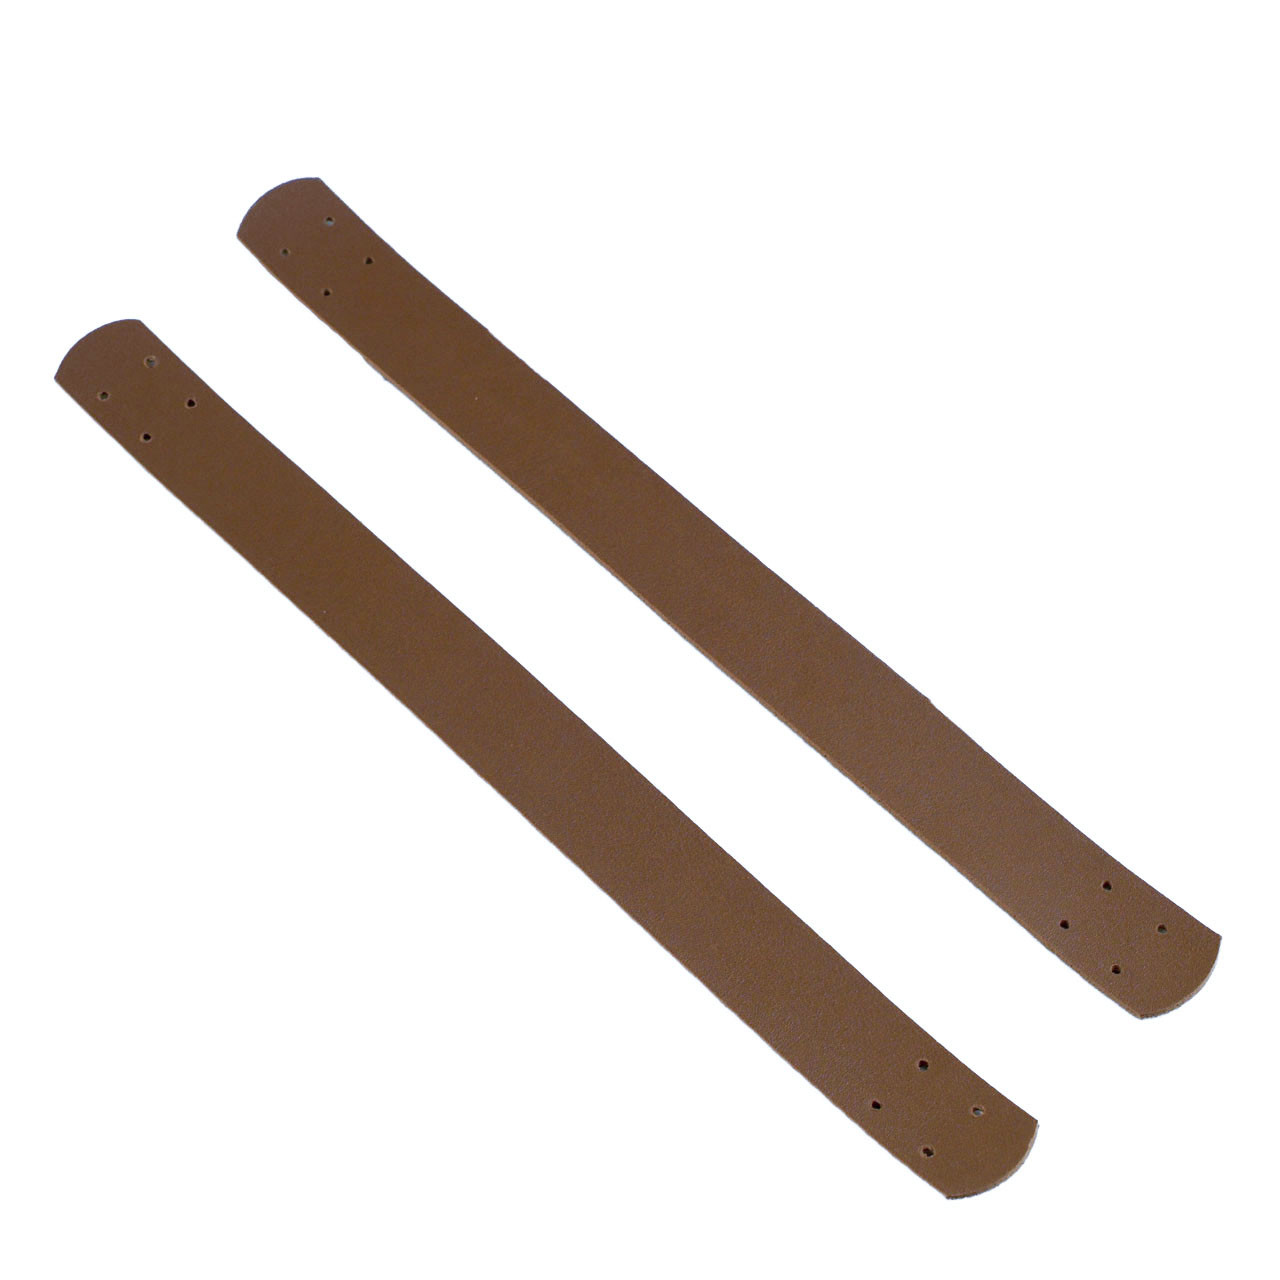 Комплект пришивных ручек для корзин экокожа, Браун 29х2,7 см